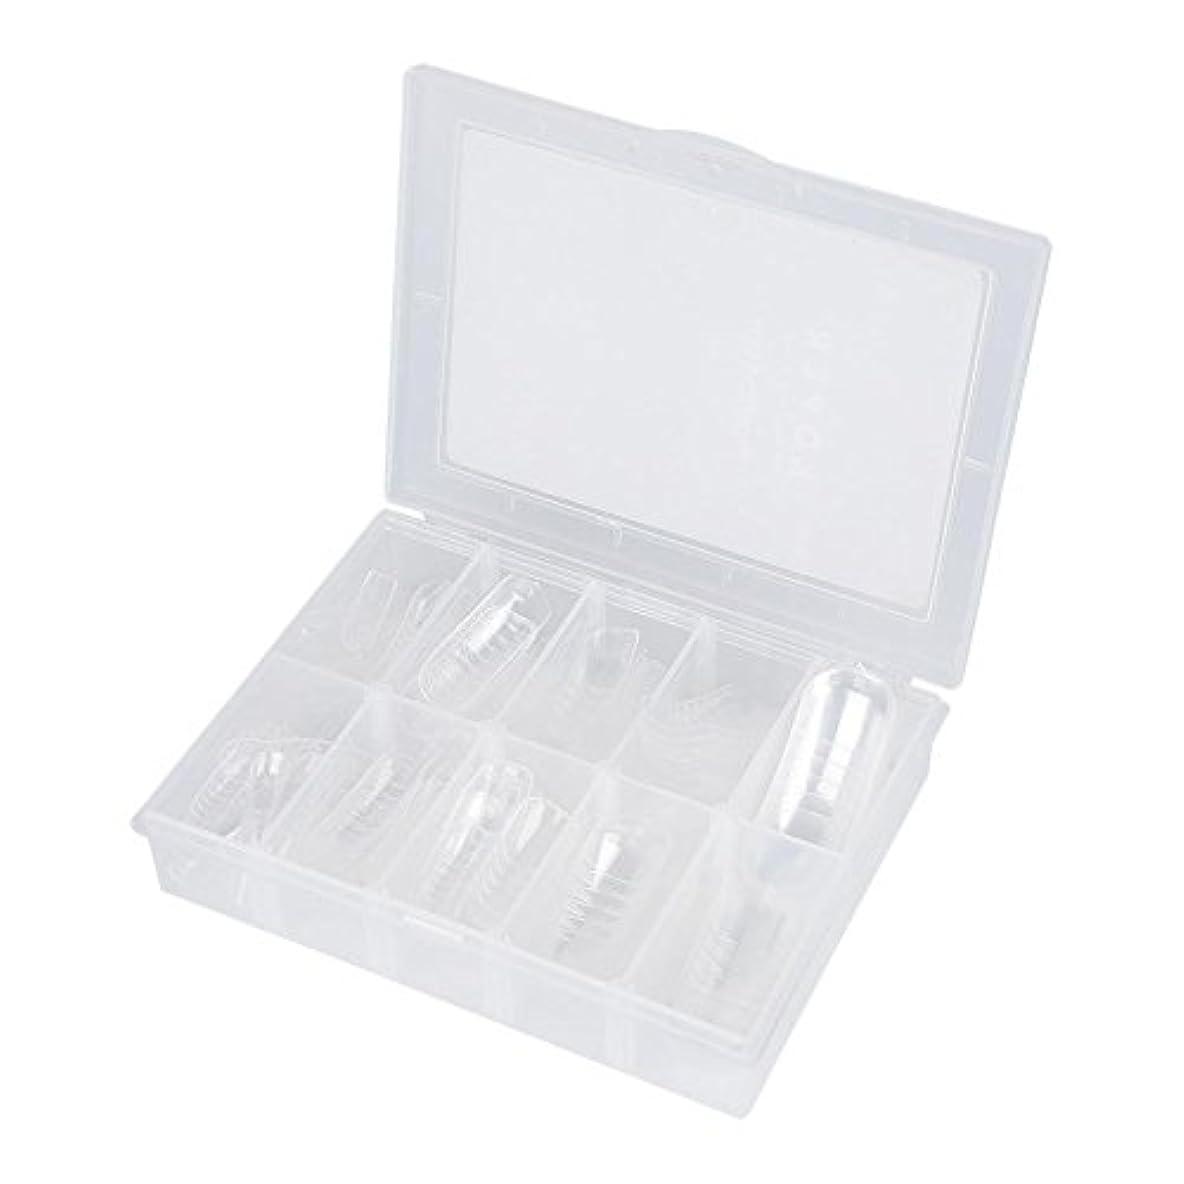 抵抗シャンプー反逆ネイルチップ - Delaman つけ爪、クリア、透明、120枚入れ